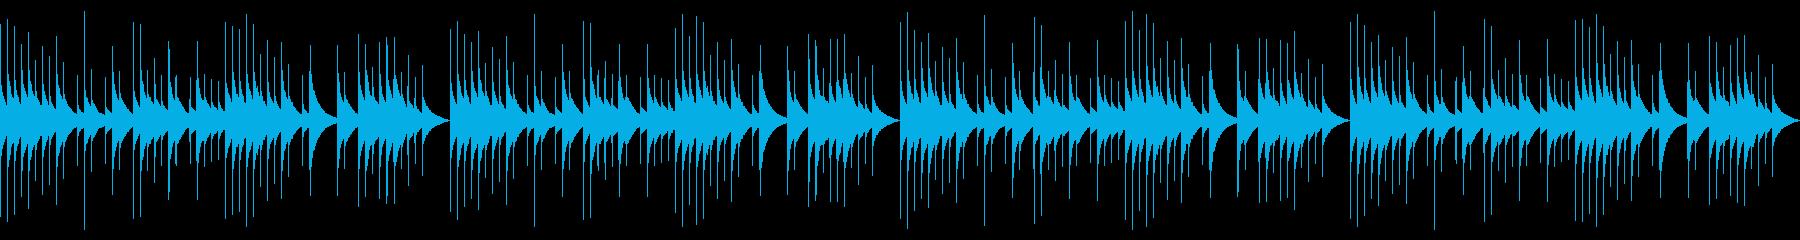 ループver オルゴール おやすみの再生済みの波形